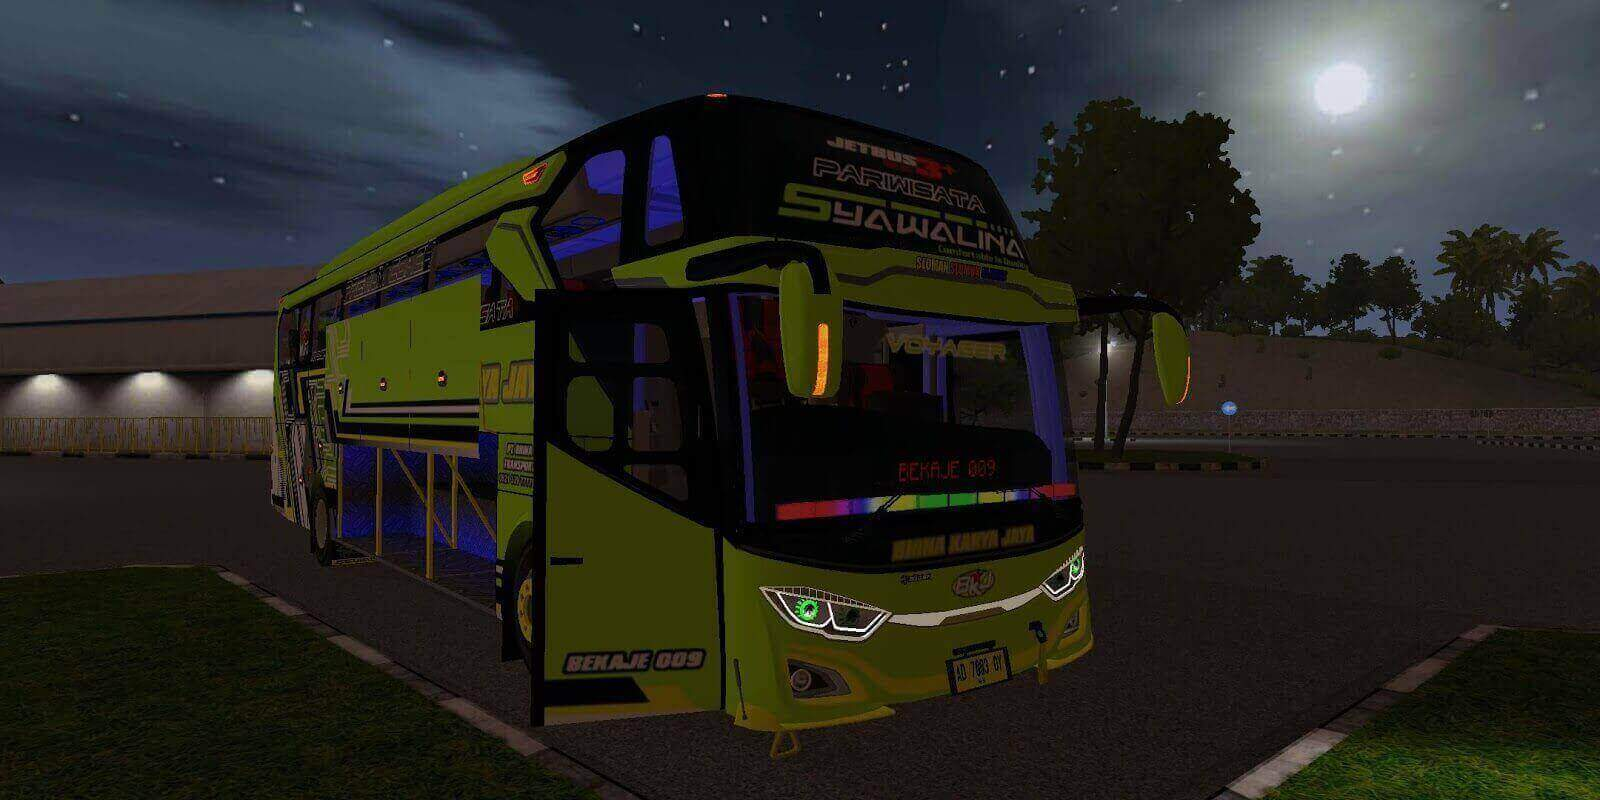 Jetbus 3+ Hino Angga Saputro, Jetbus 3+ Hino Mod BUSSID, Mod Jetbus 3+ Hino BUSSID, BUSSID Mod Jetbus 3+ Hino, BUSSID Bus Mod